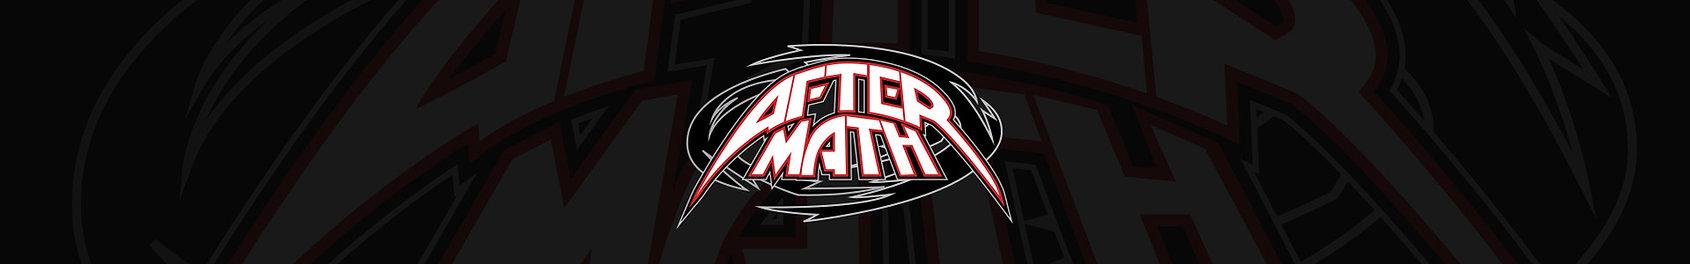 LogoBar_SanDiegoAftermath.jpg